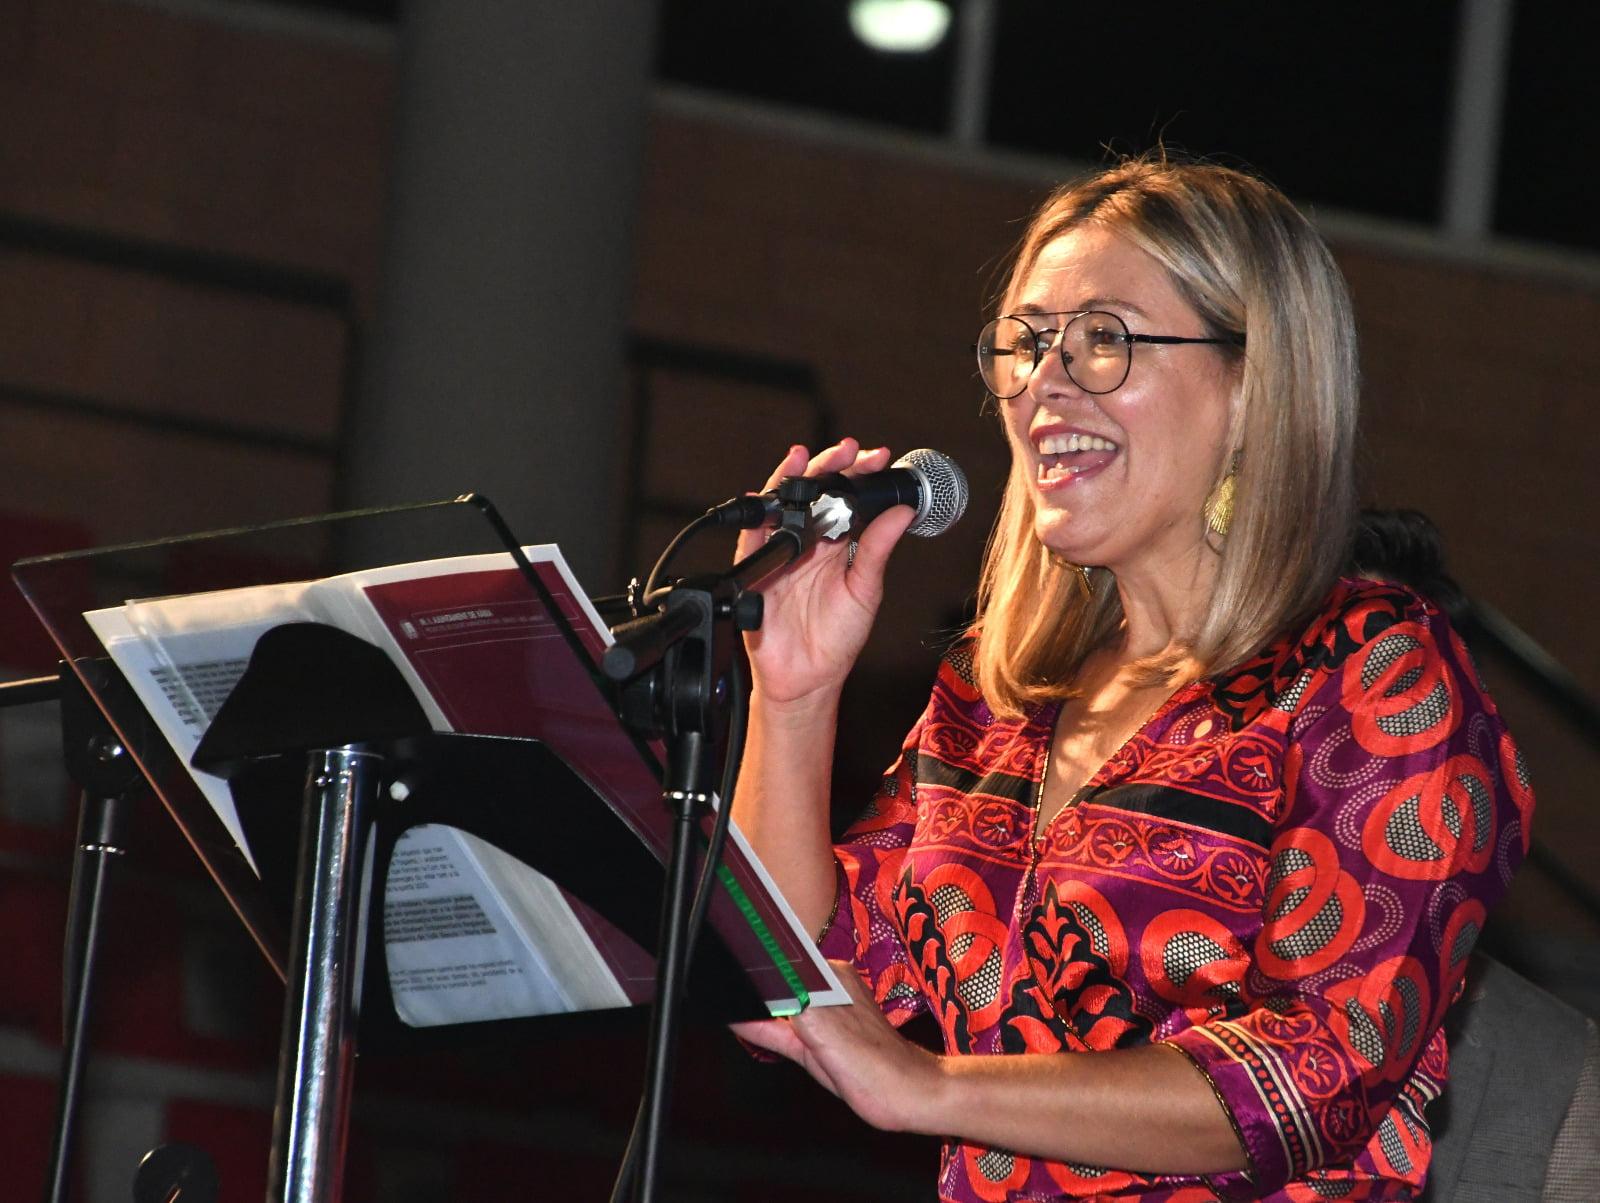 La concejala de Fiestas, Kika Mata, durante el acto de elección de cargos 2020